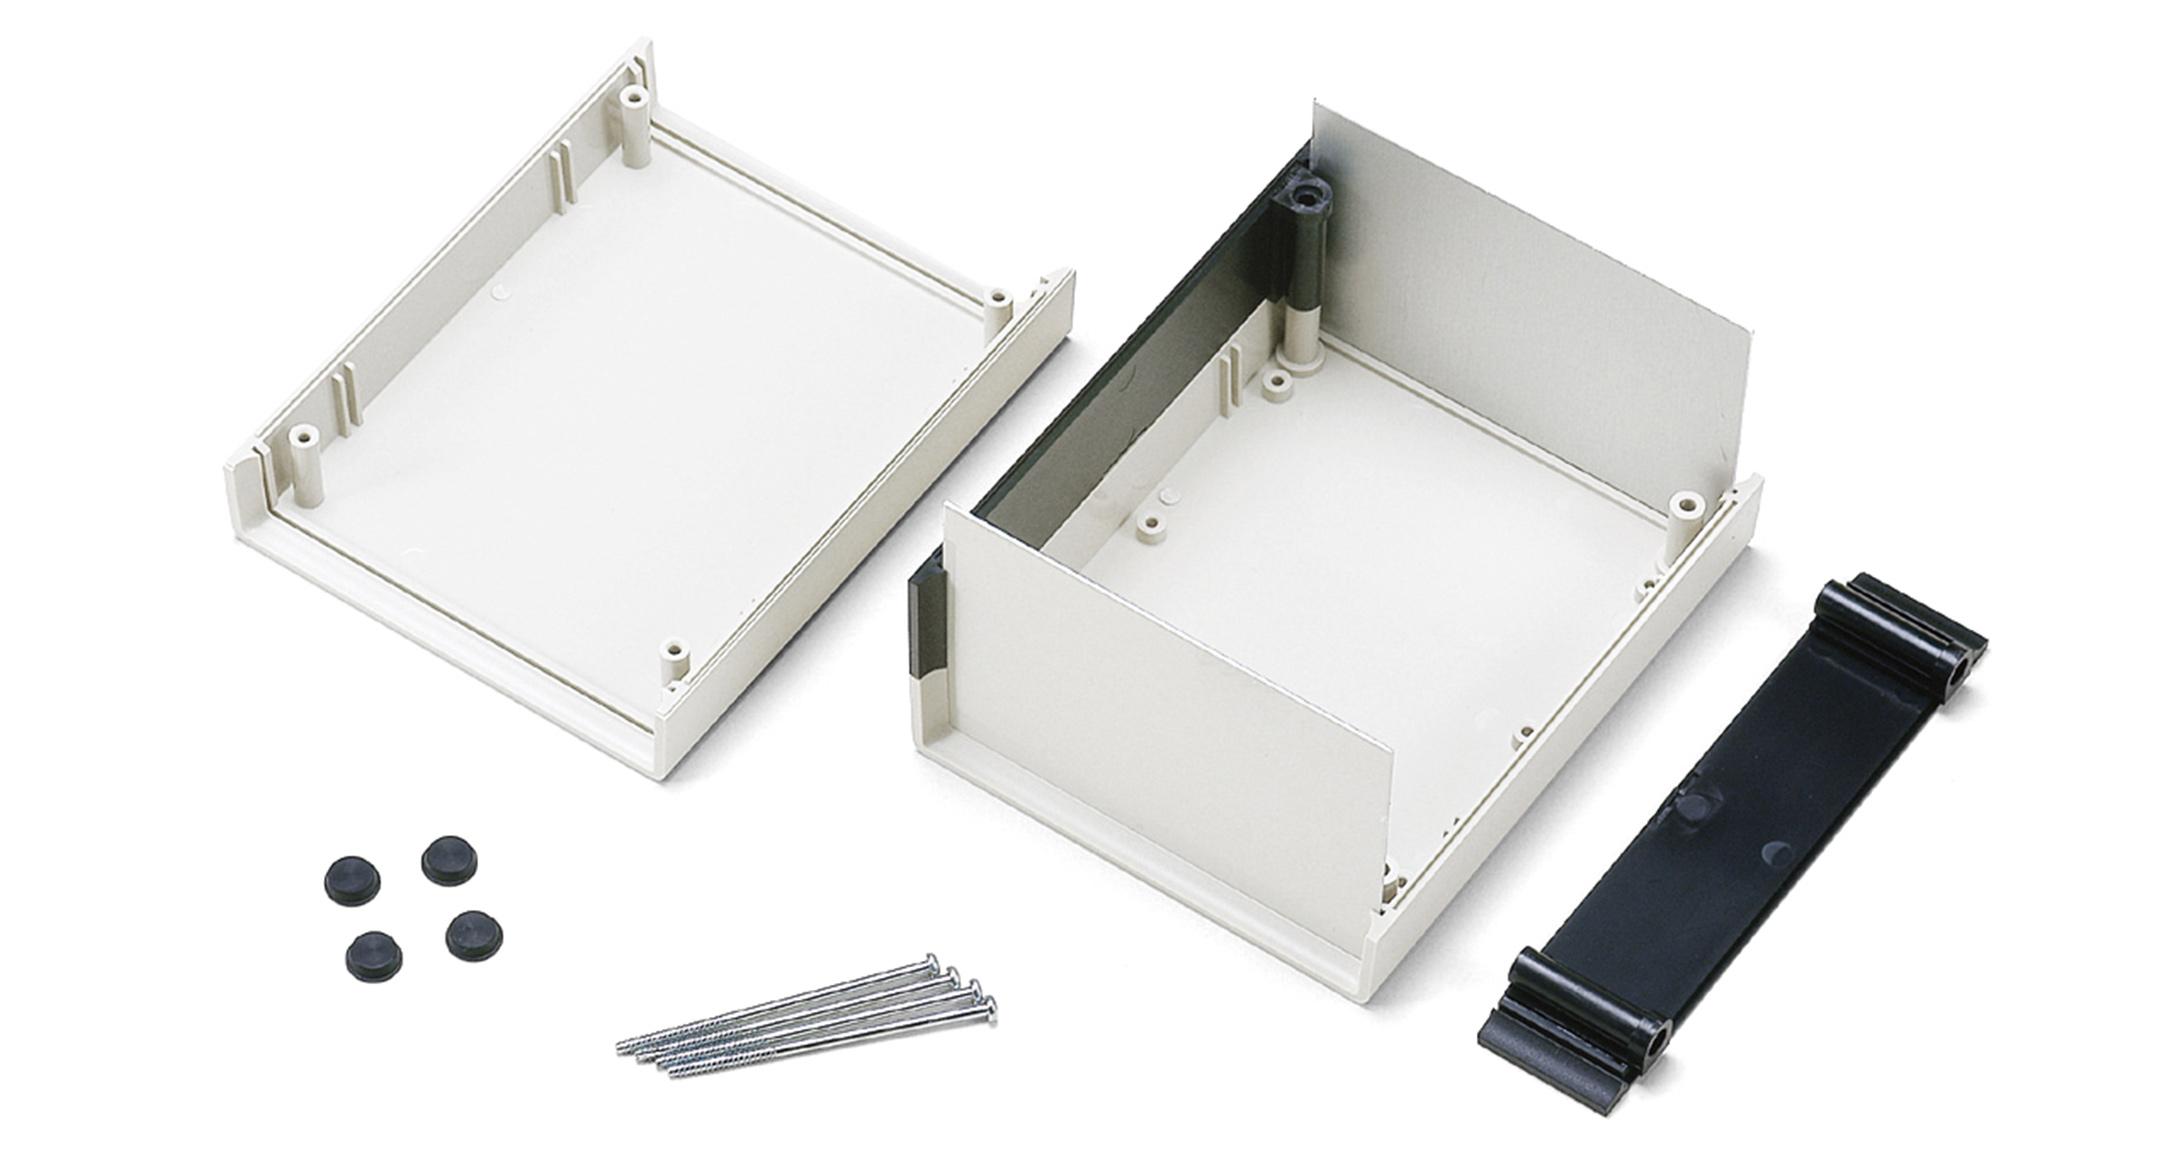 アルミパネルプラスチックケース SYHシリーズの画像